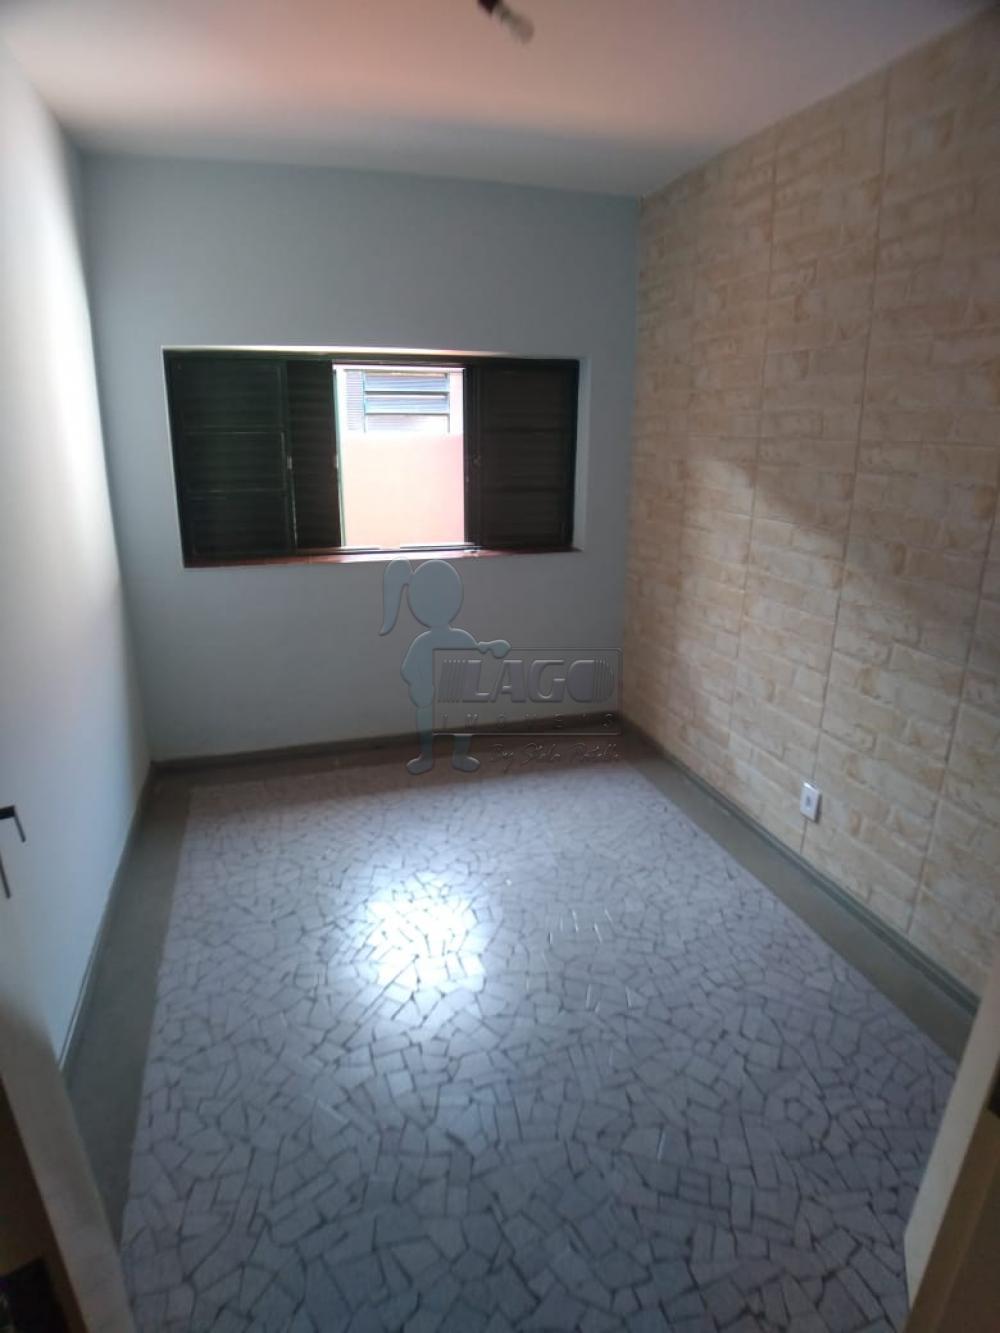 Alugar Casas / Padrão em Ribeirão Preto apenas R$ 1.800,00 - Foto 5